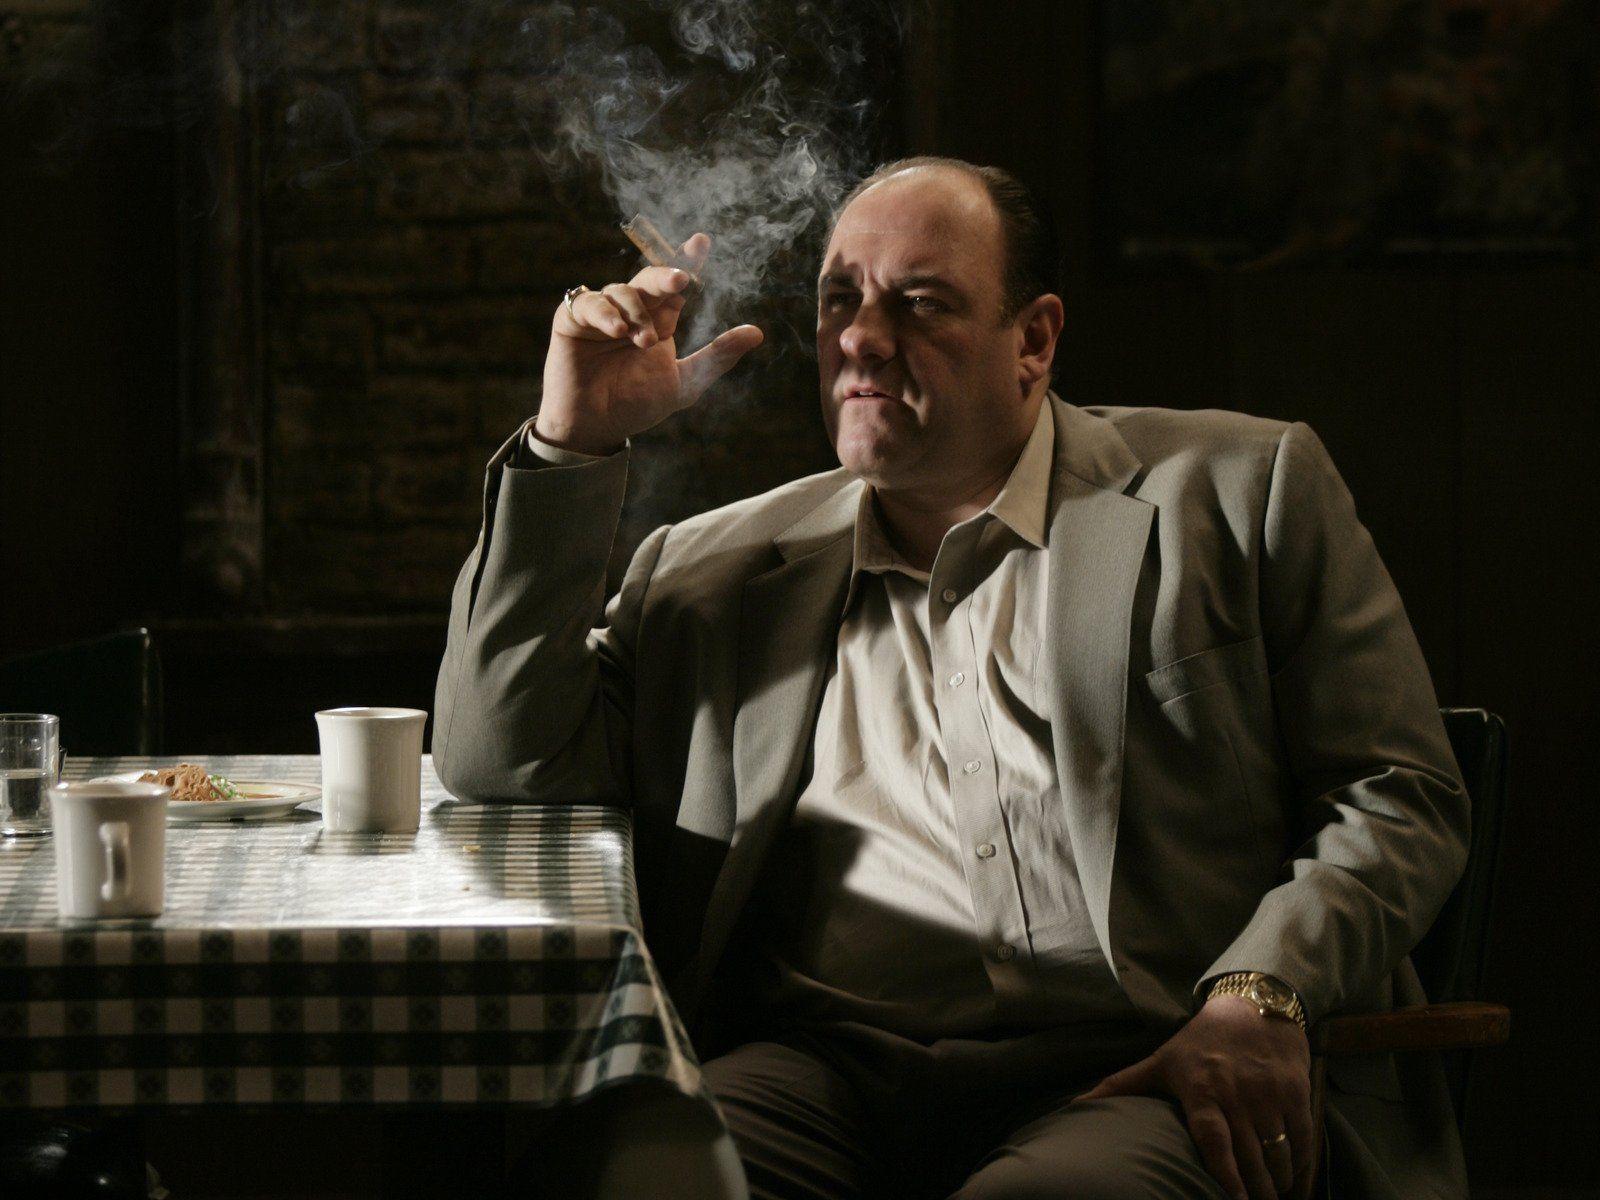 Tony Soprano Wallpapers - Top Free Tony Soprano Backgrounds - WallpaperAccess